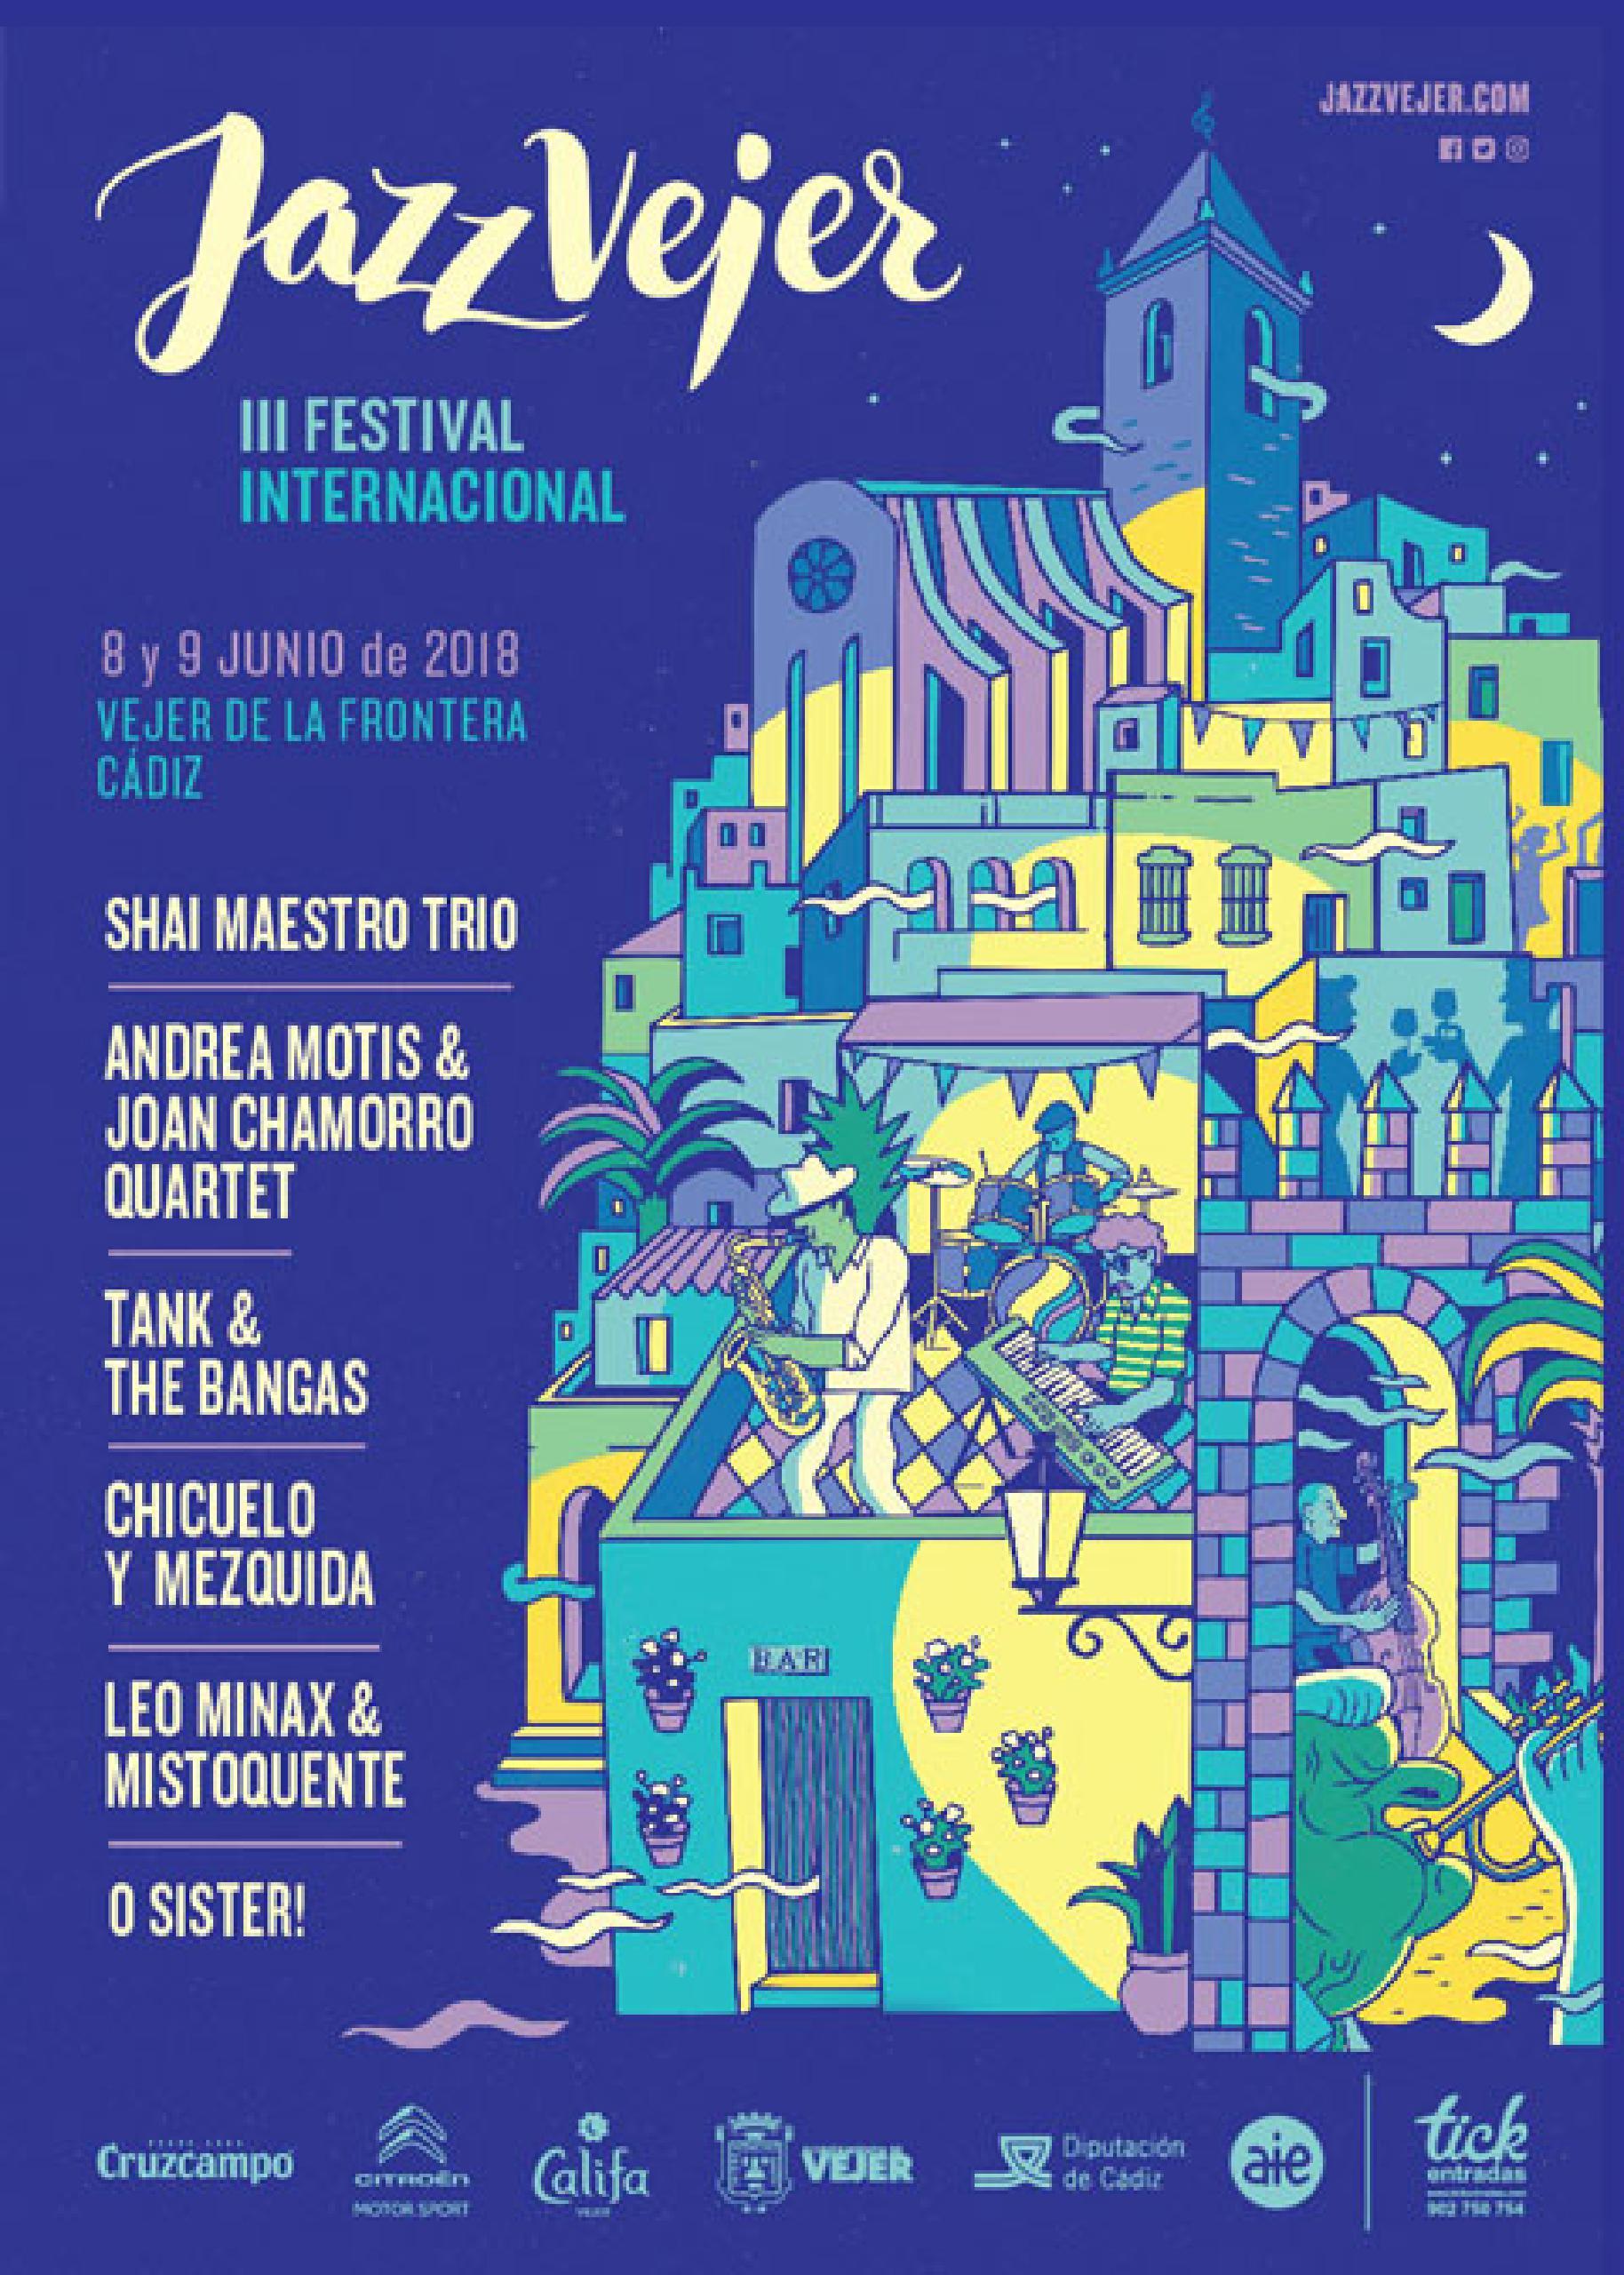 Cartel programación artistas conciertos Festival Jazz Vejer 2018